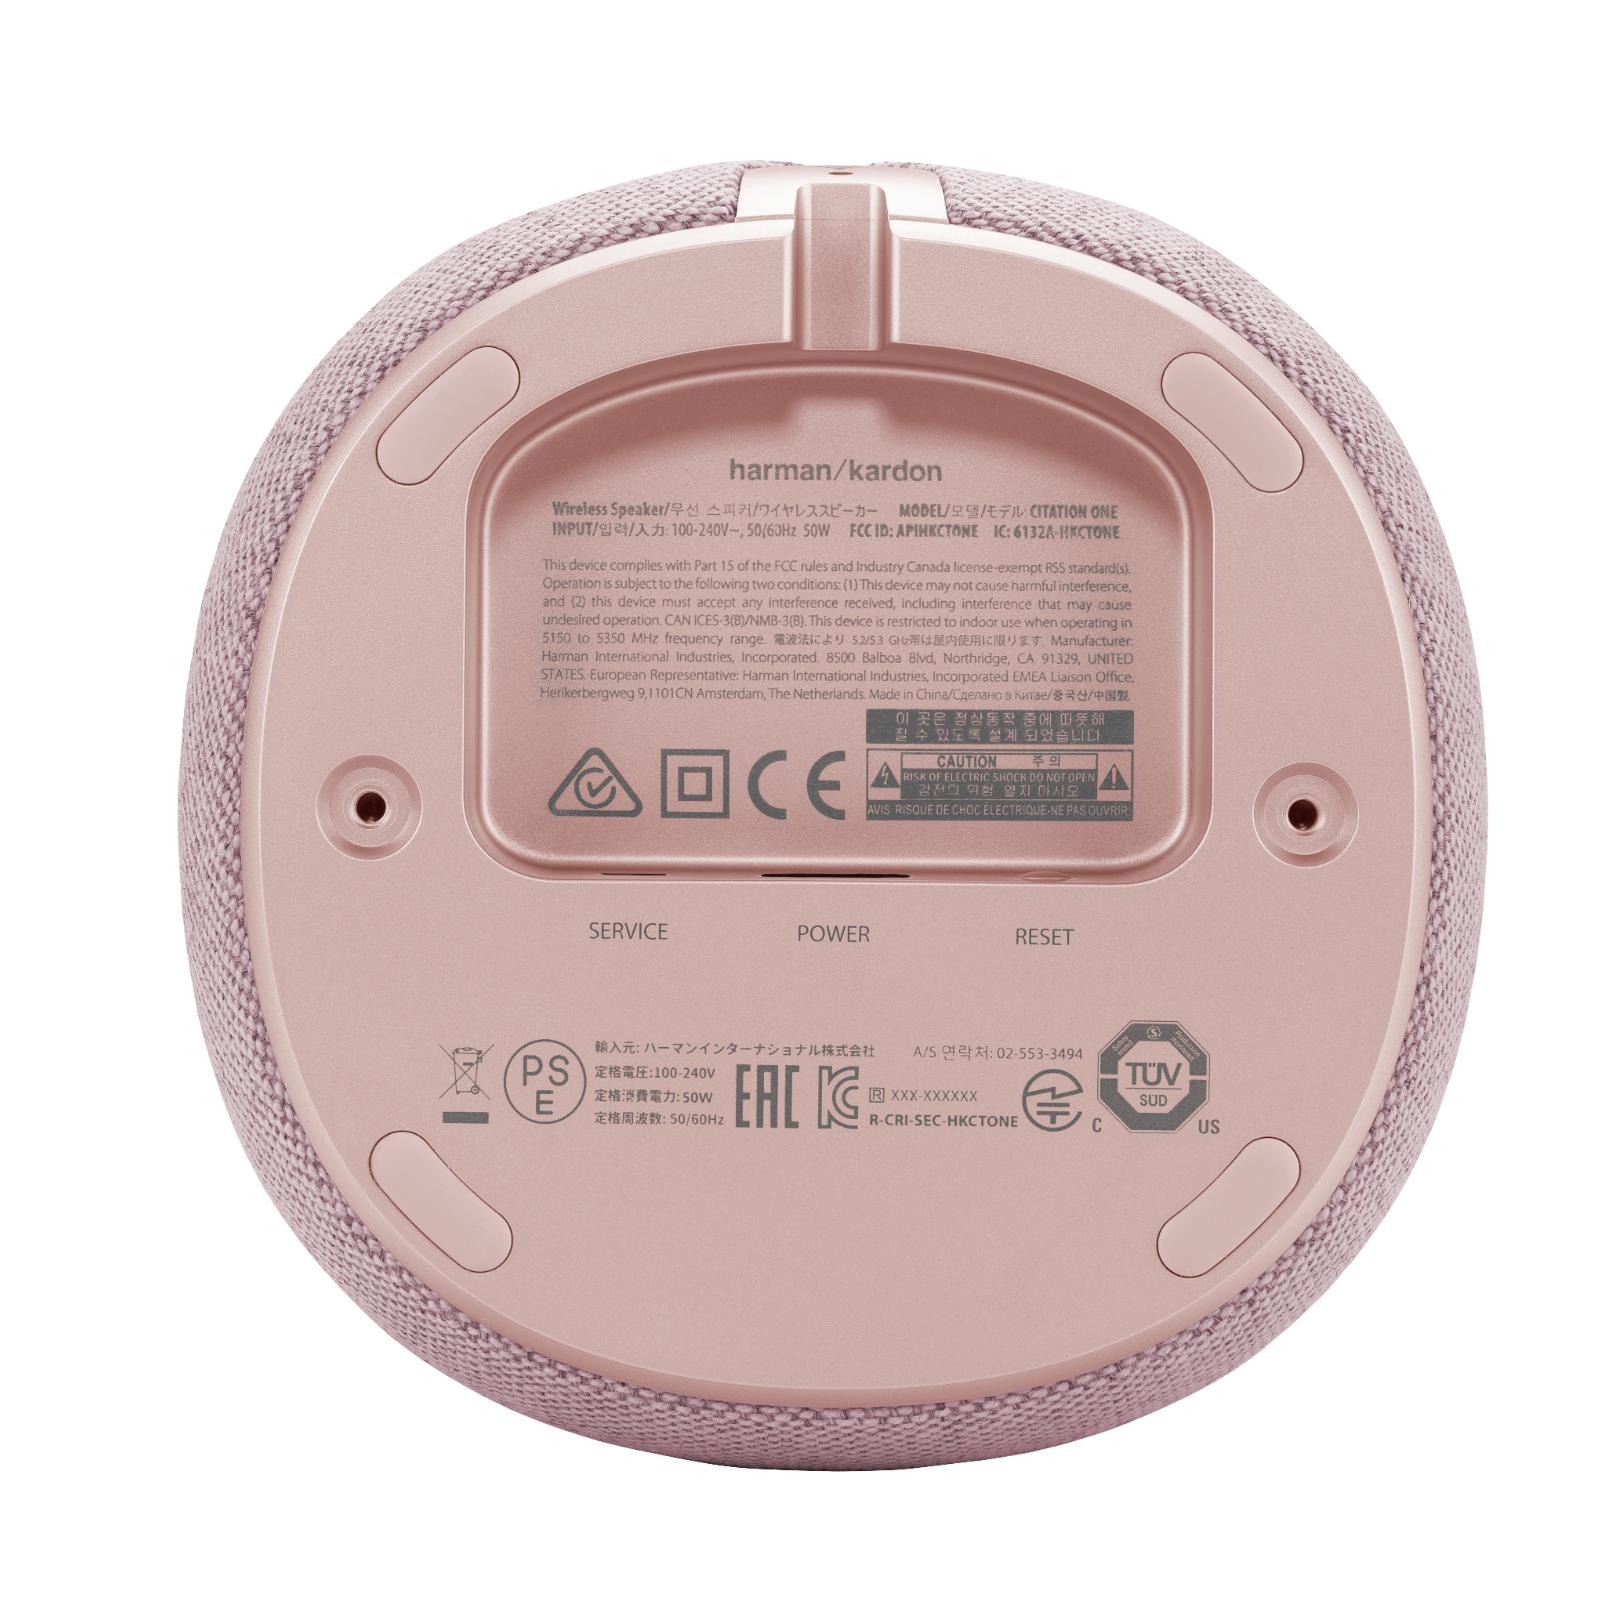 Harman Kardon Citation One MKII - Pink - All-in-one smart speaker with room-filling sound - Detailshot 1